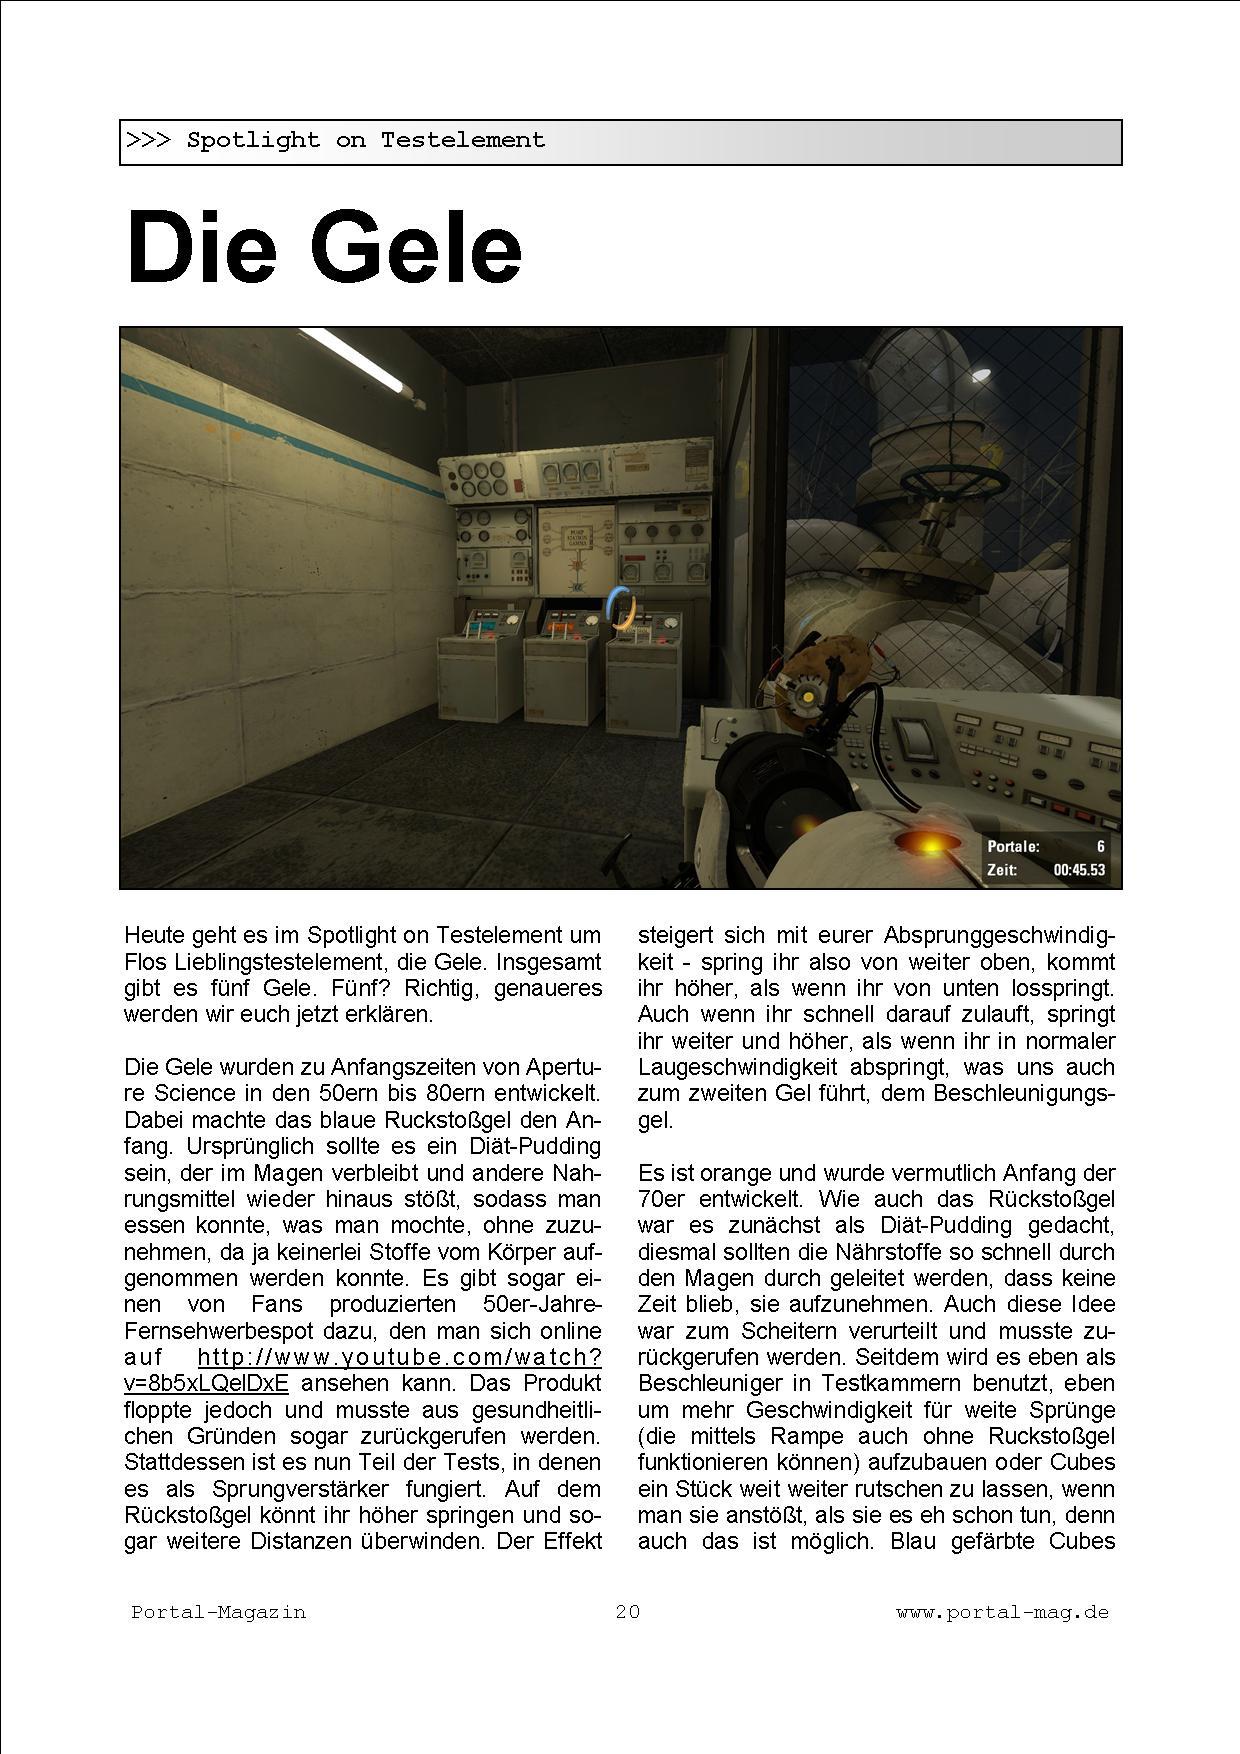 Ausgabe 12, Seite 20